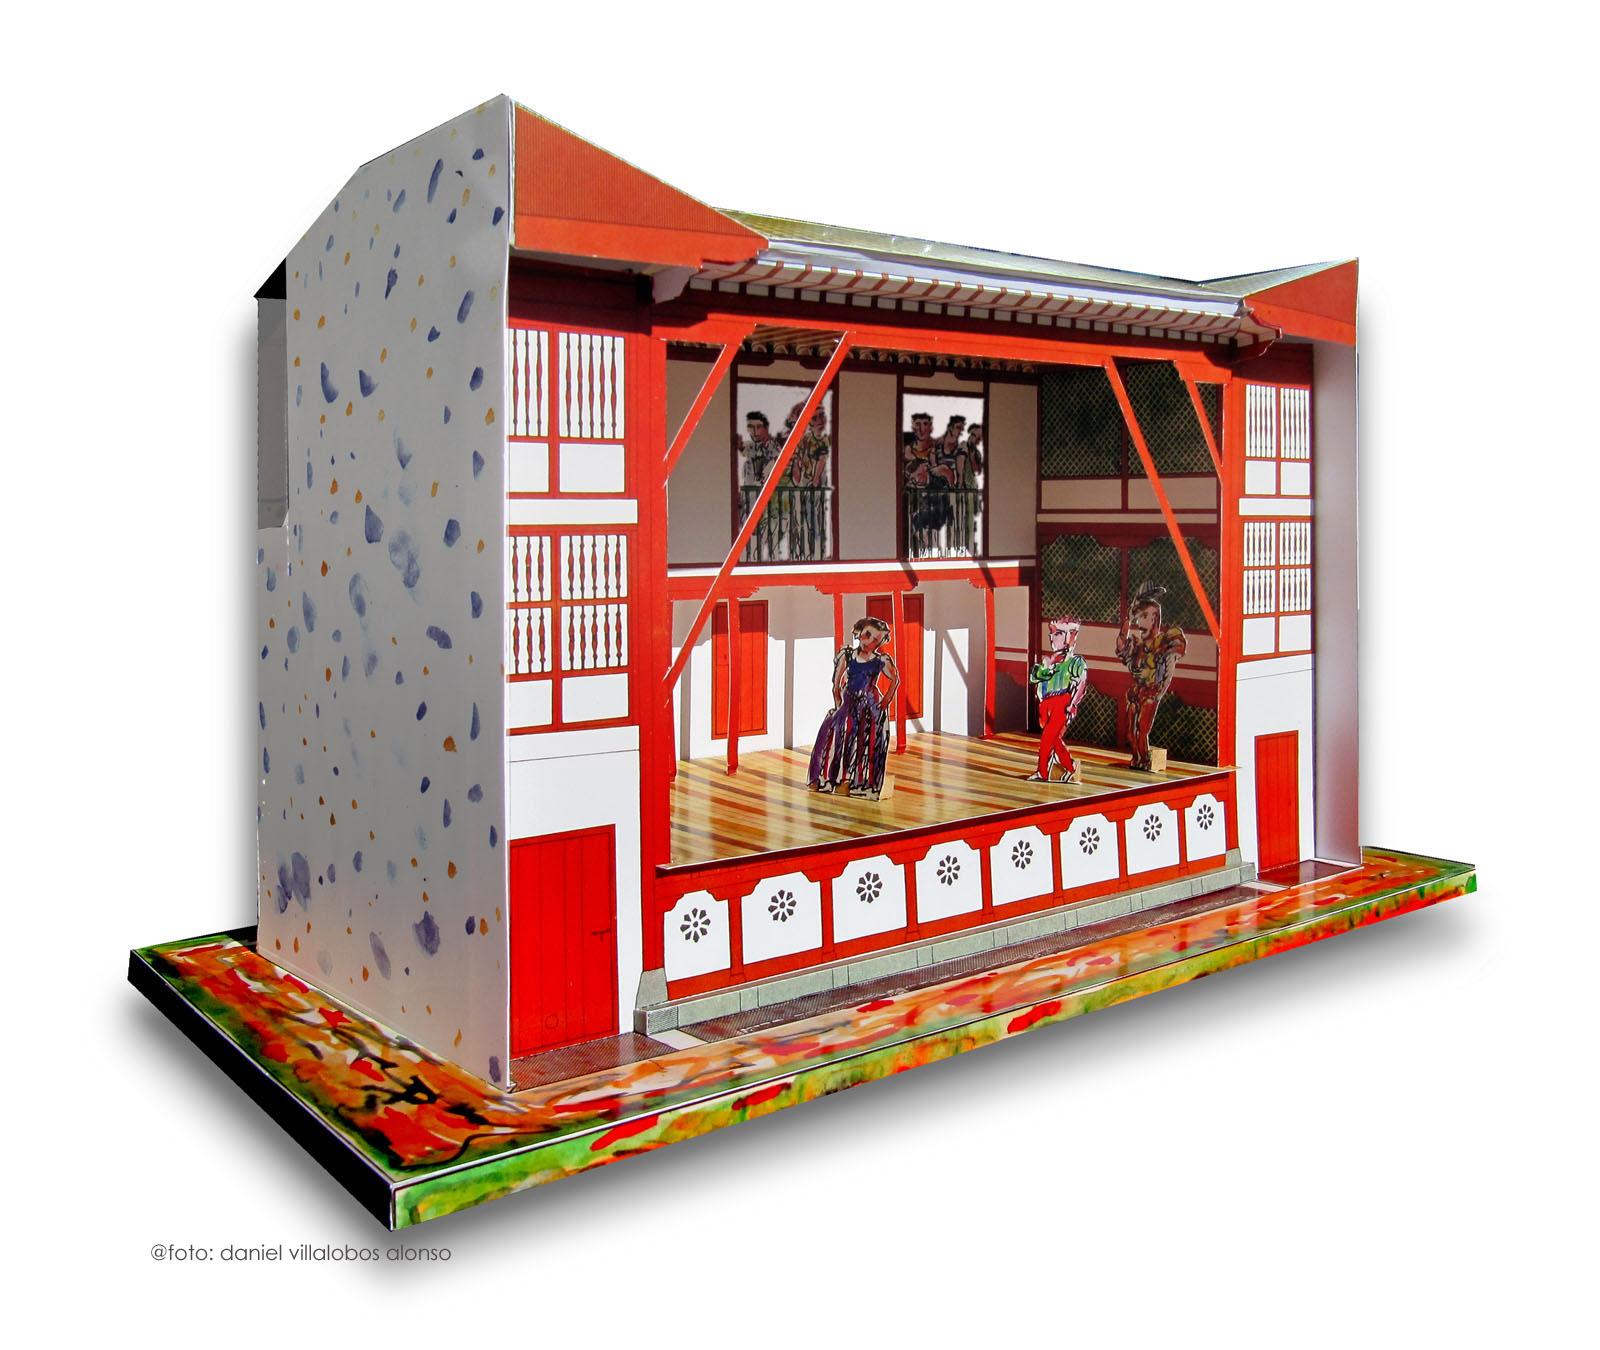 danielvillalobos-toytheater-prezvillalta-almagro-corraldecomedias-102